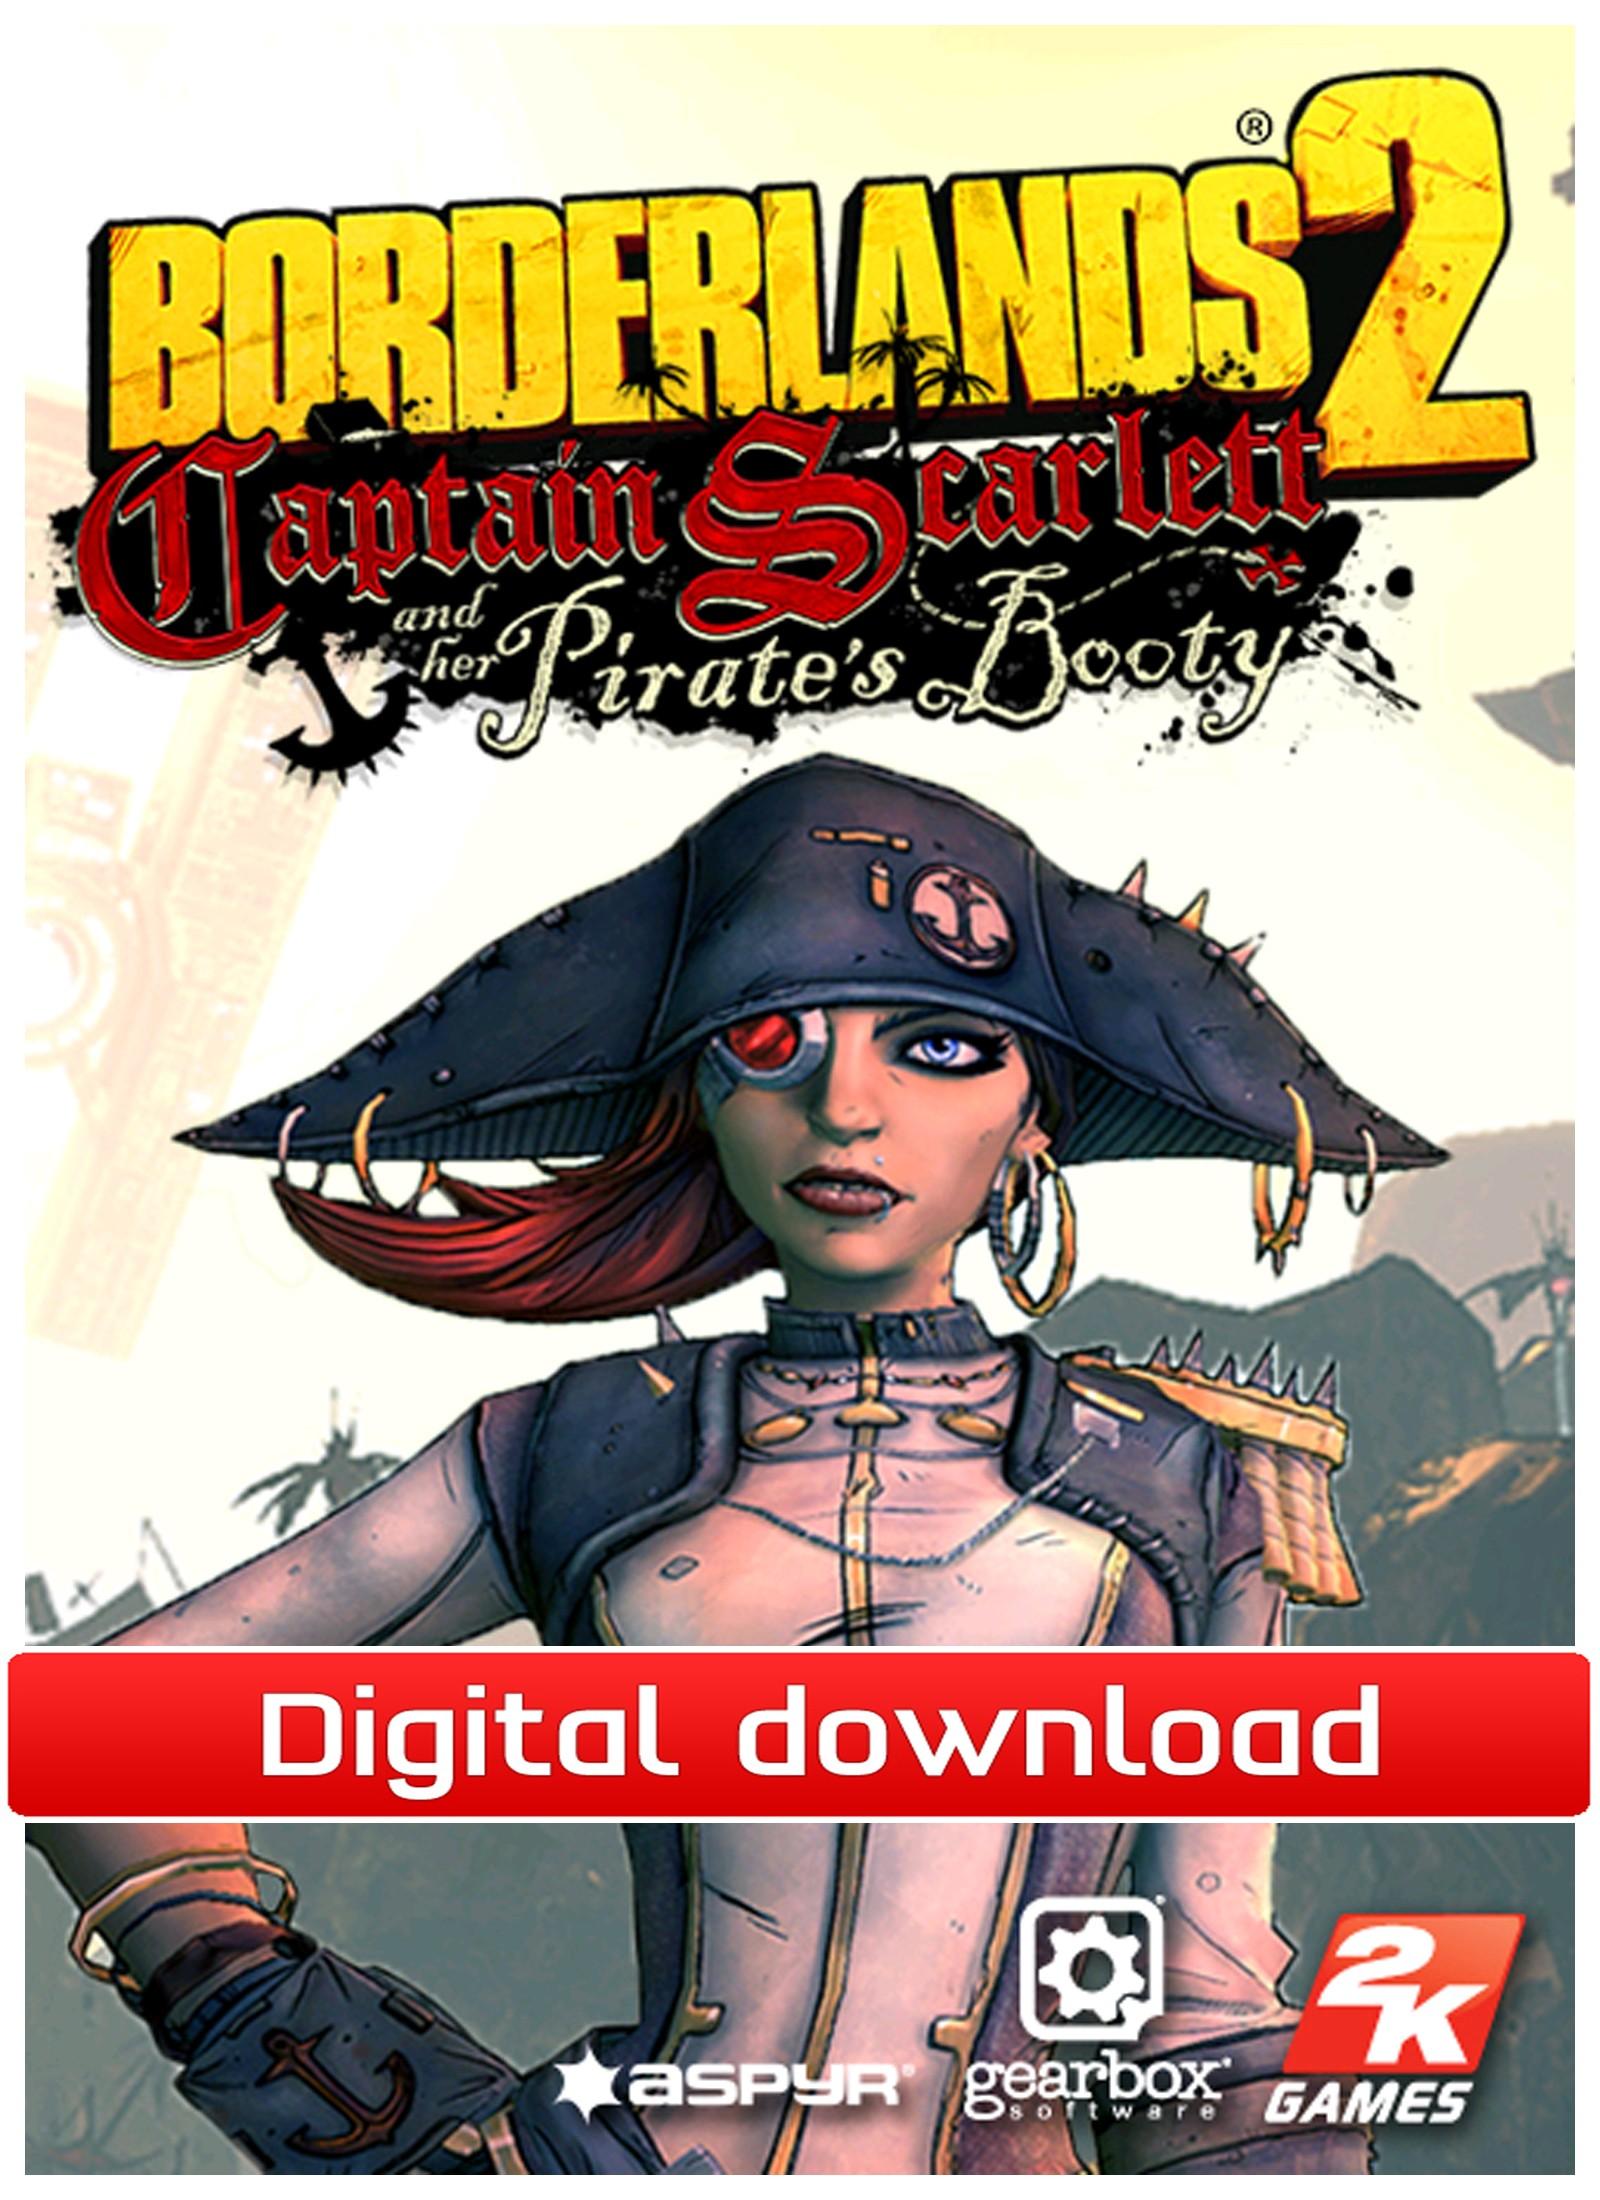 Borderlands 2: Captain Scarlett (Mac nedlastning) PCDD31294